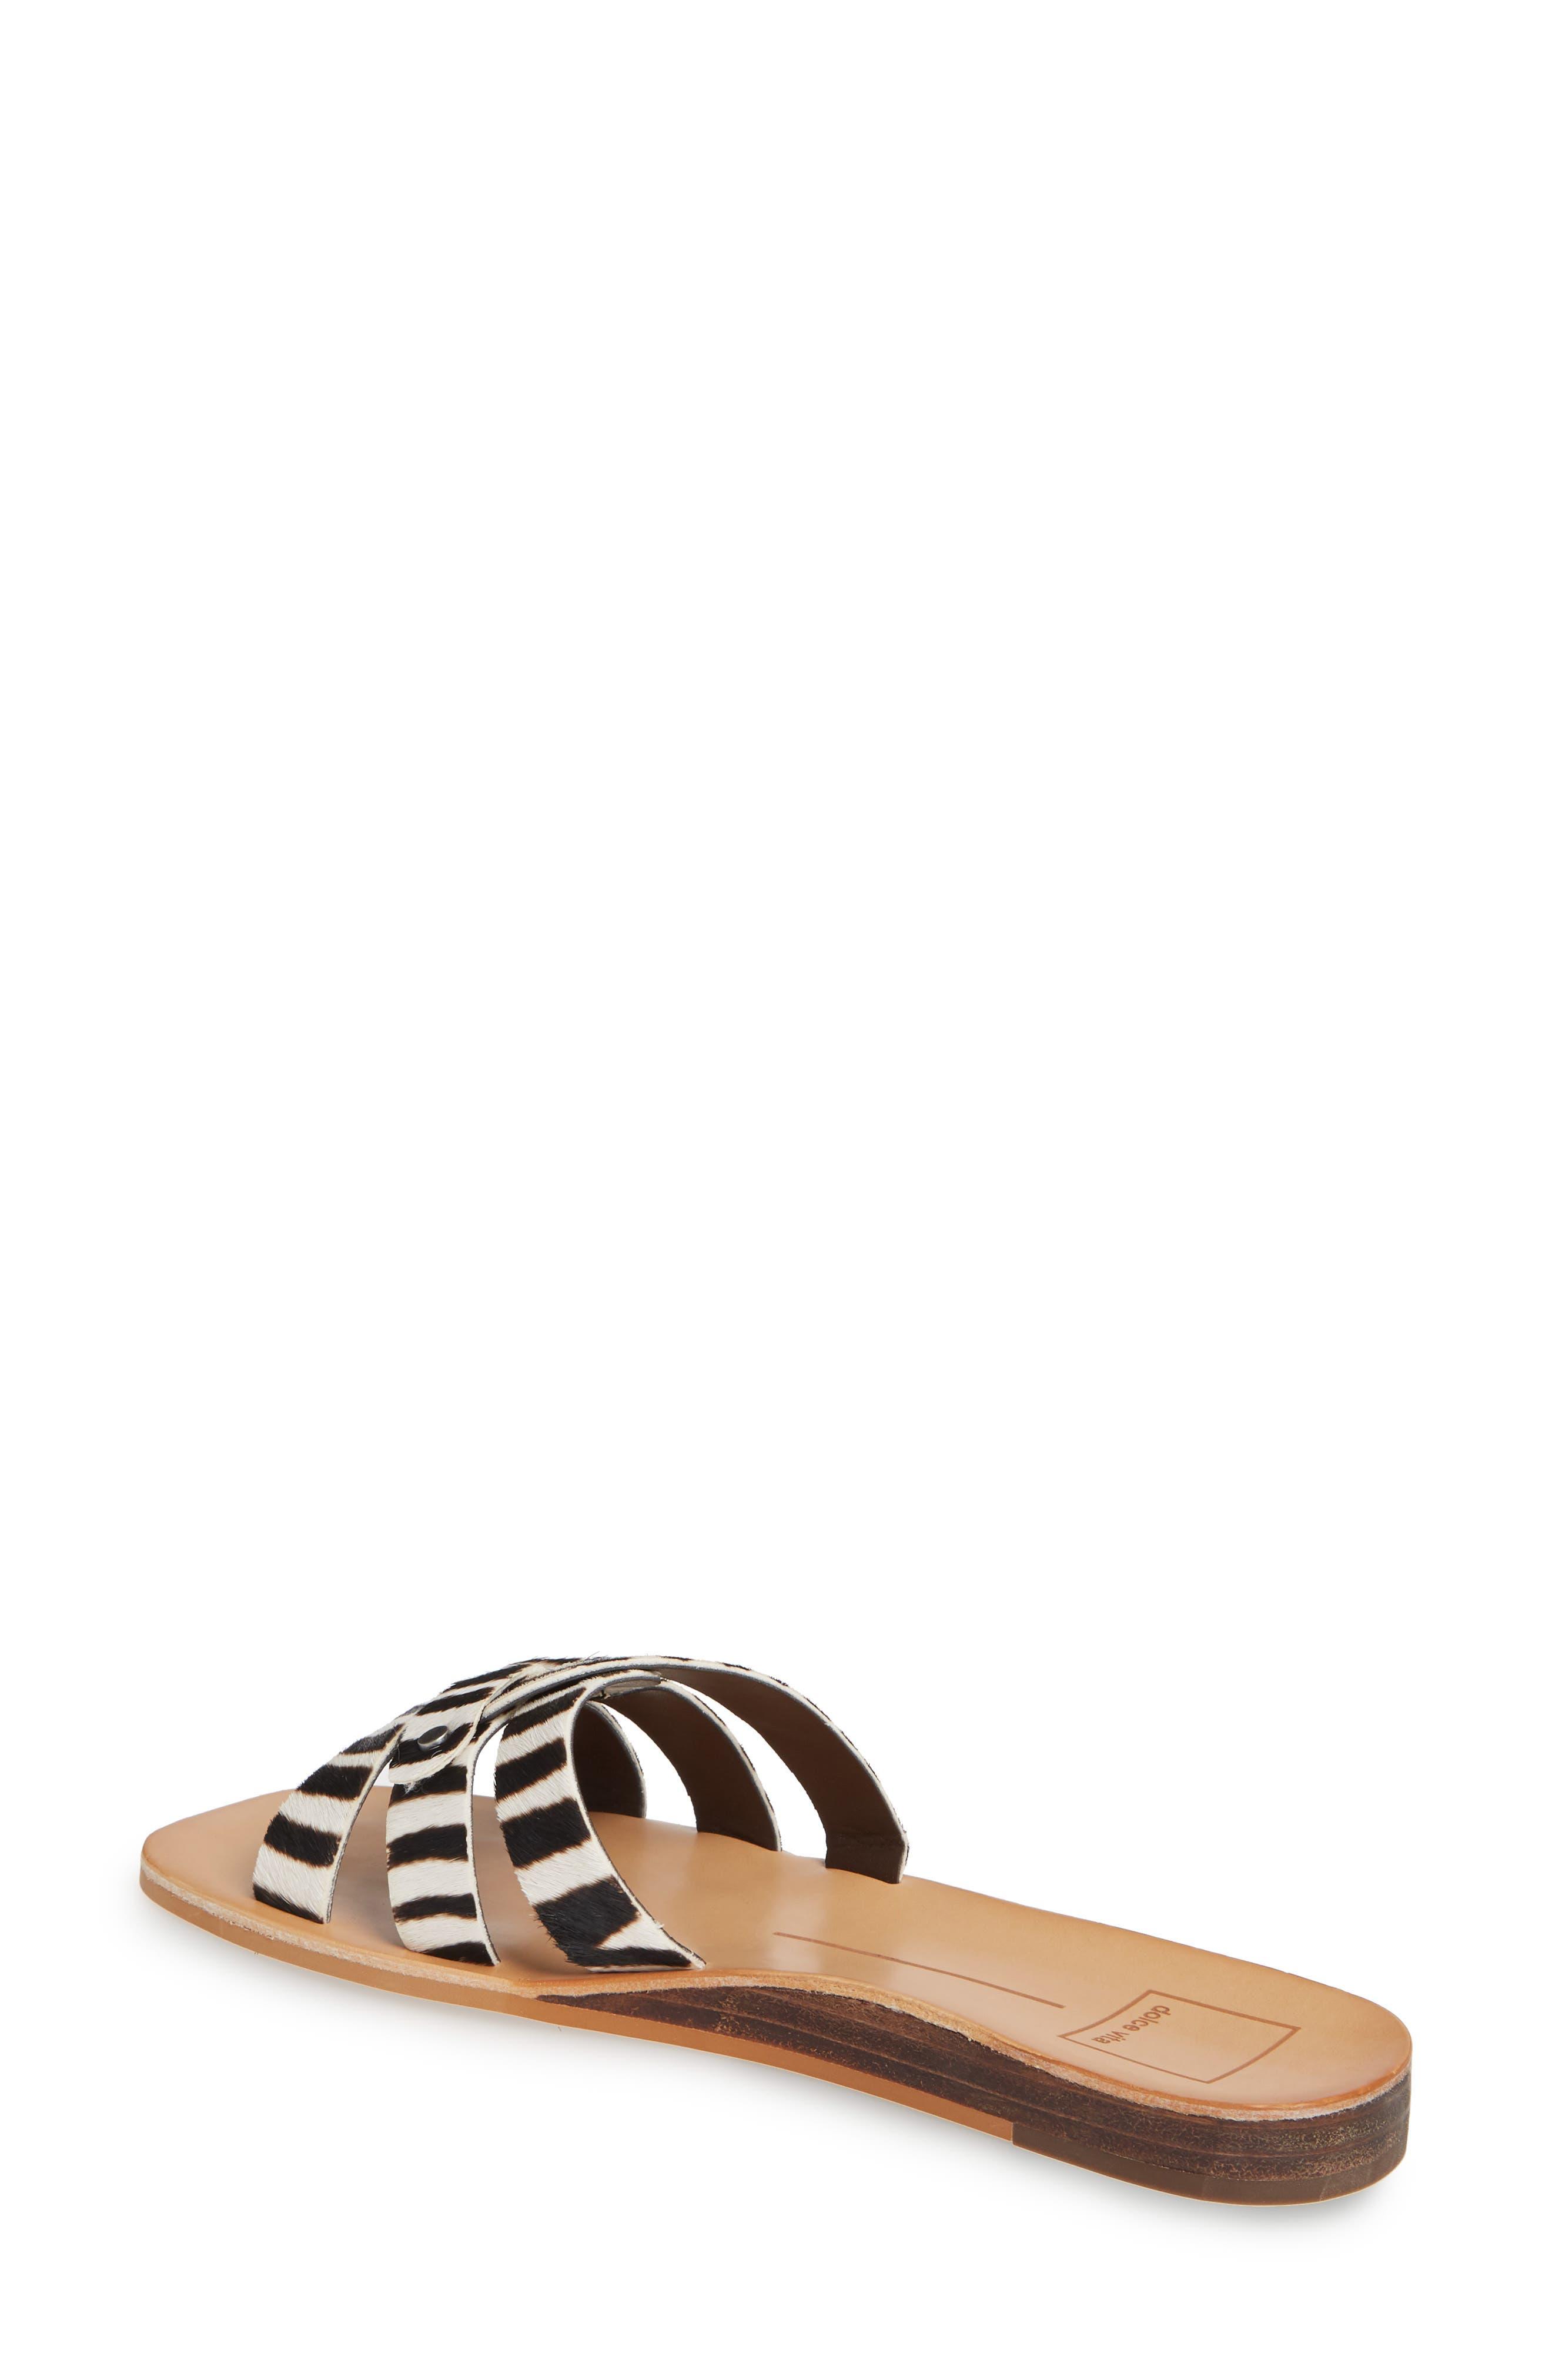 DOLCE VITA, Cait Genuine Calf Hair Slide Sandal, Alternate thumbnail 2, color, ZEBRA PRINT